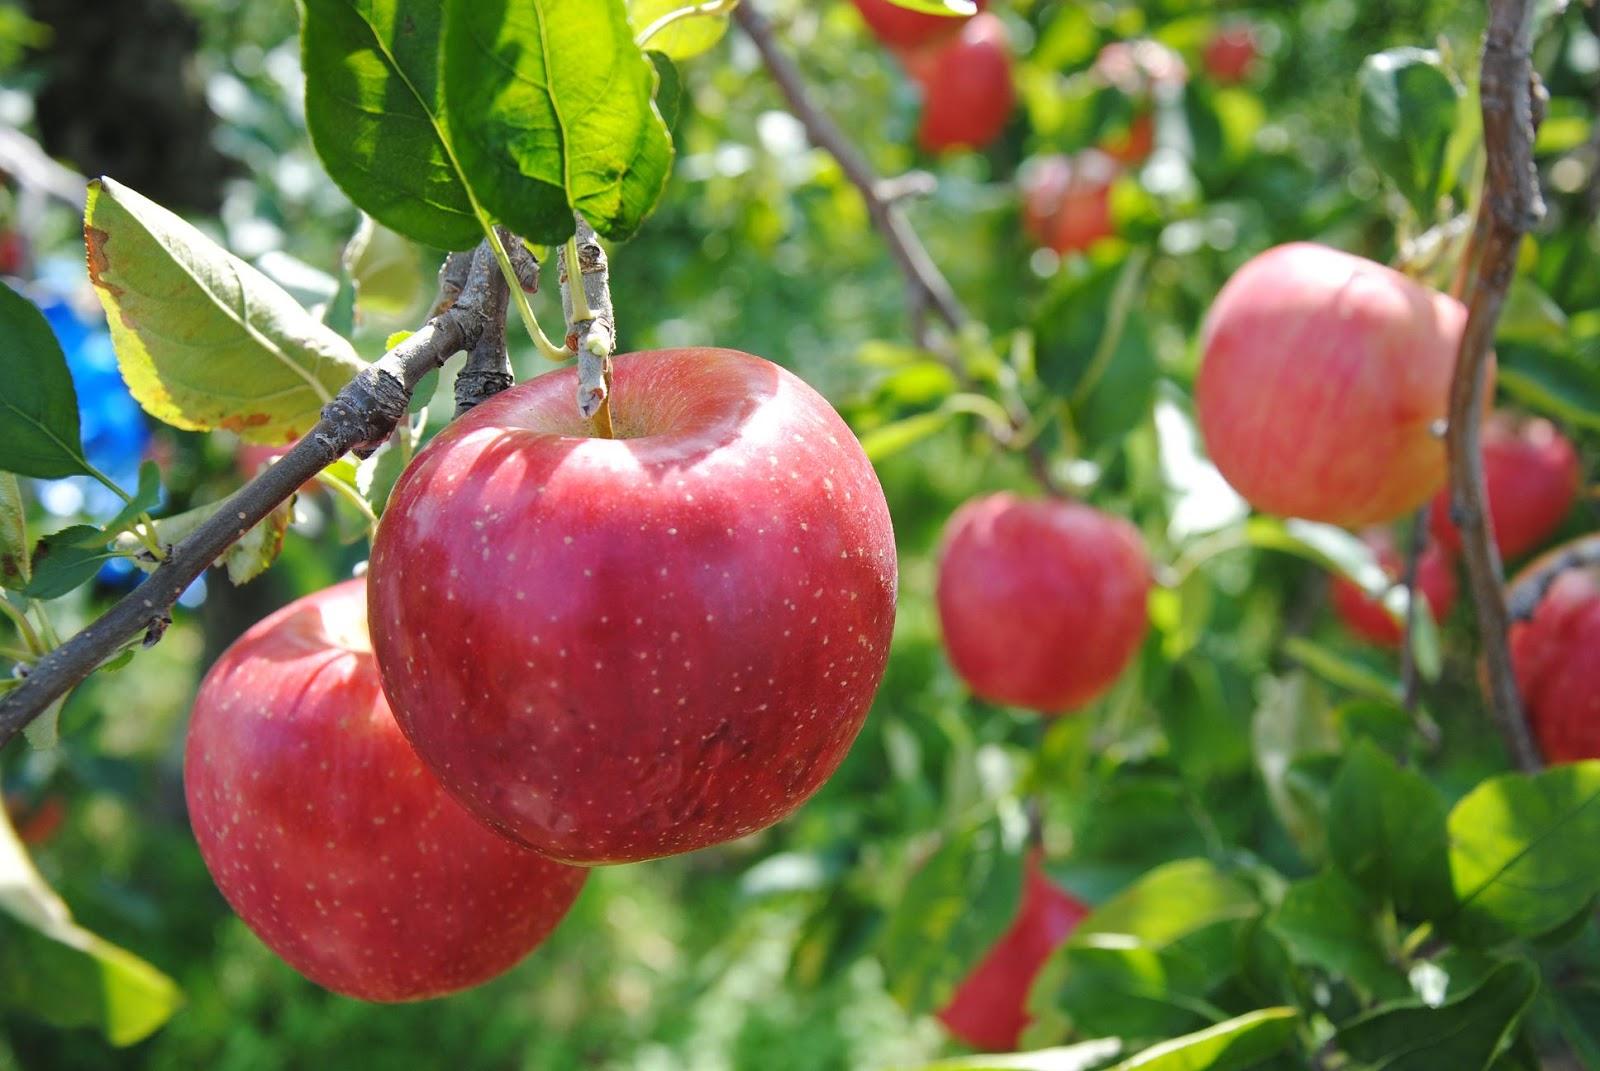 本当に効果があるの?詳しく知りたい!りんごダイエットのあれこれ♪のサムネイル画像